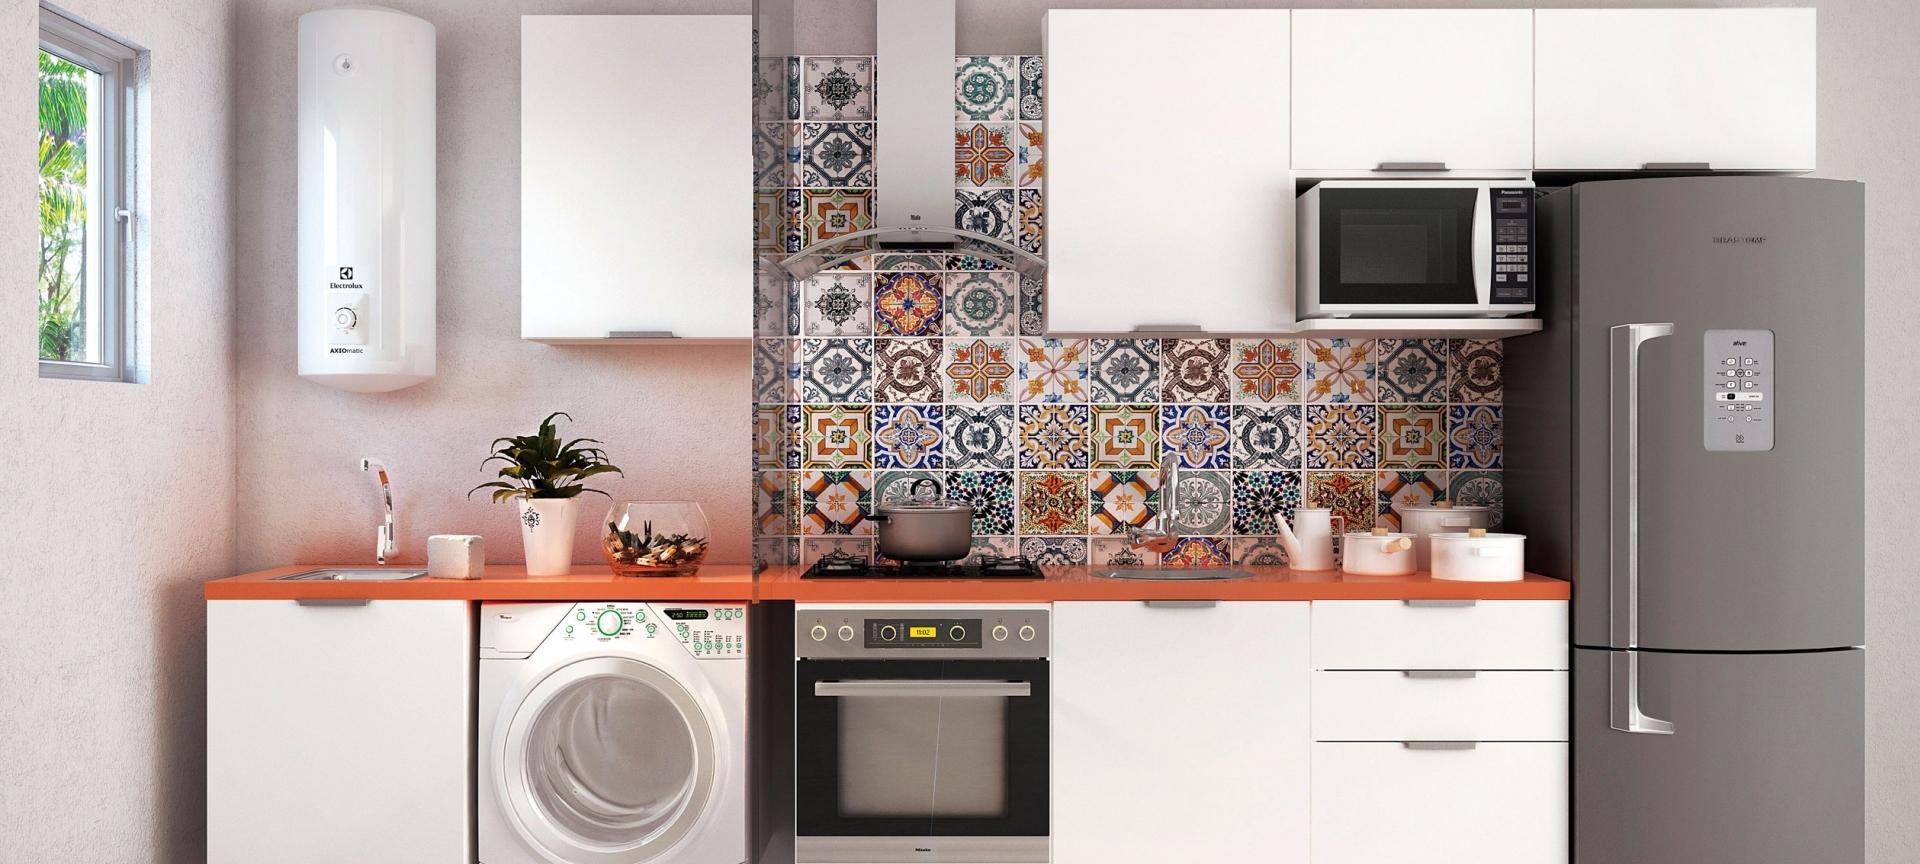 Marcenaria para Cozinhas Planejadas em Embu das Artes - Cozinha Compacta Planejada